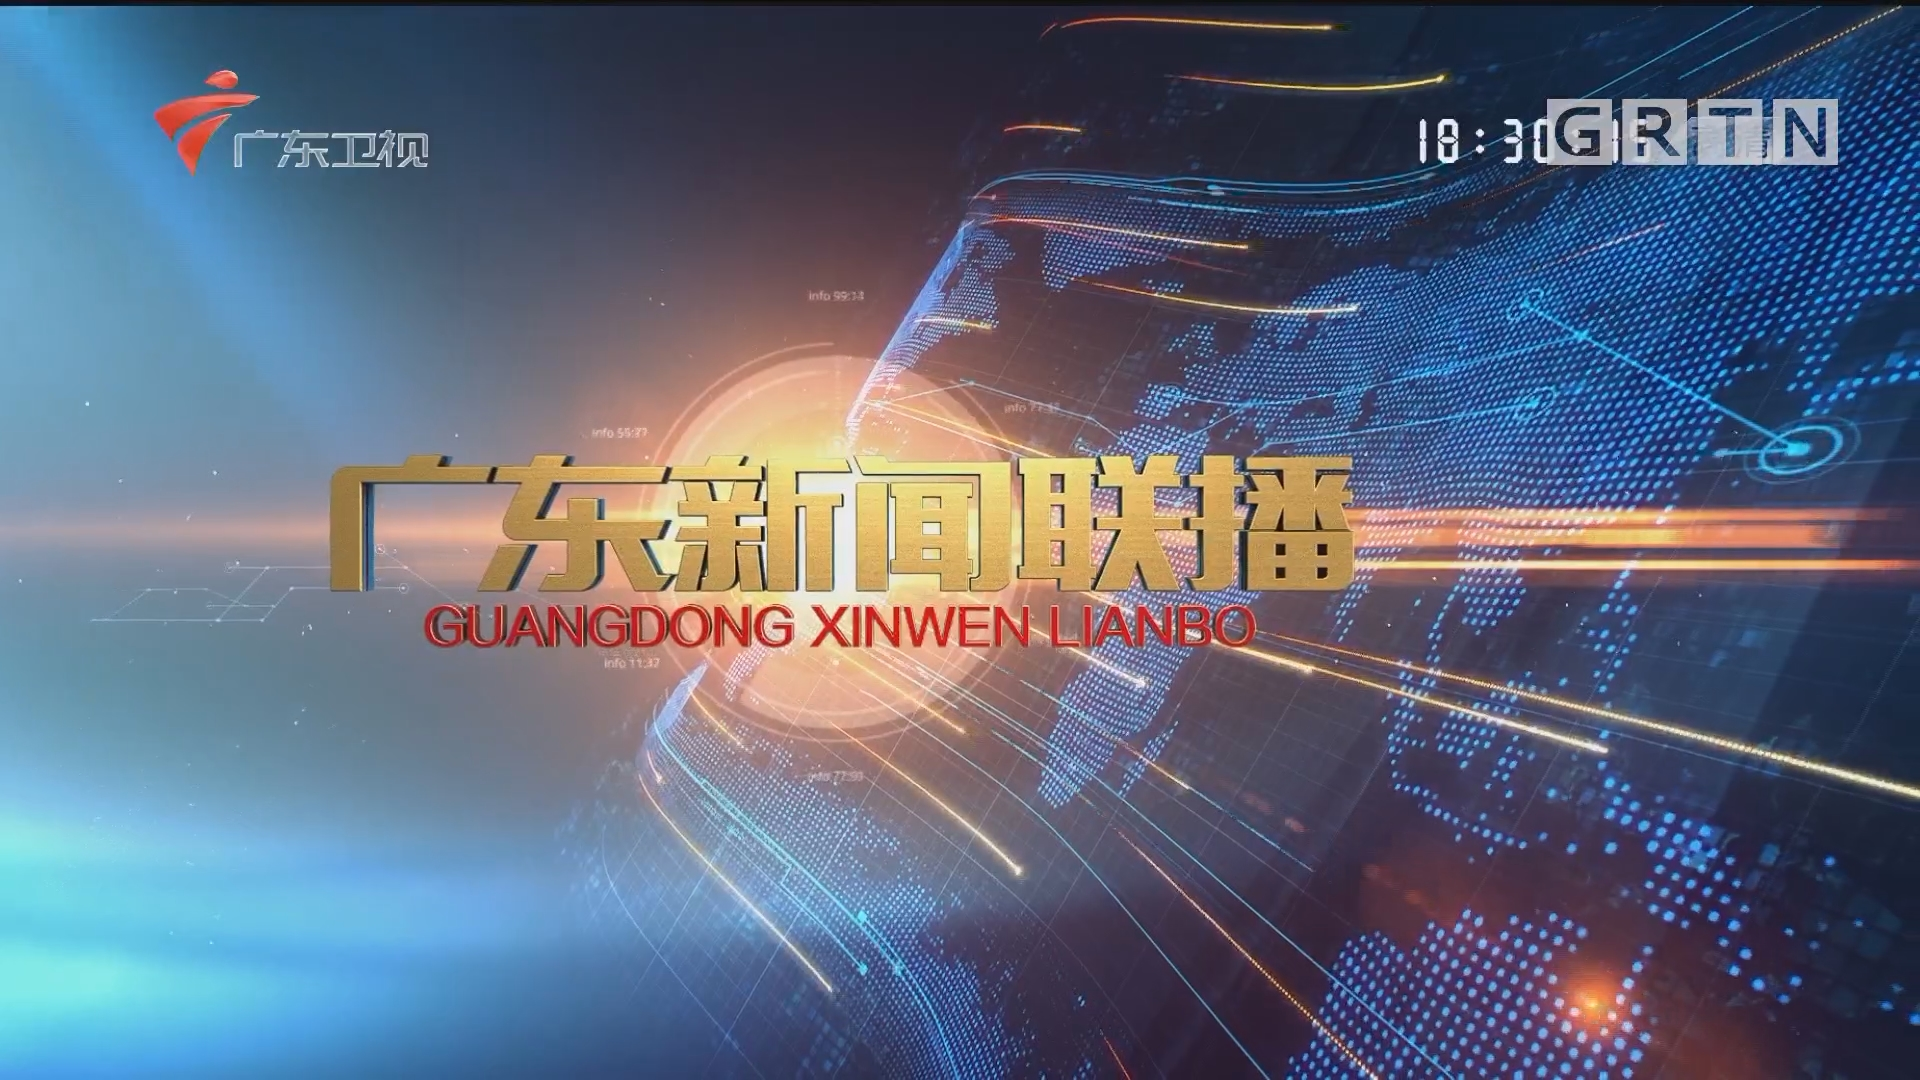 [HD][2017-10-08]广东新闻联播:长假尾声 铁路公路民航迎来返程高峰